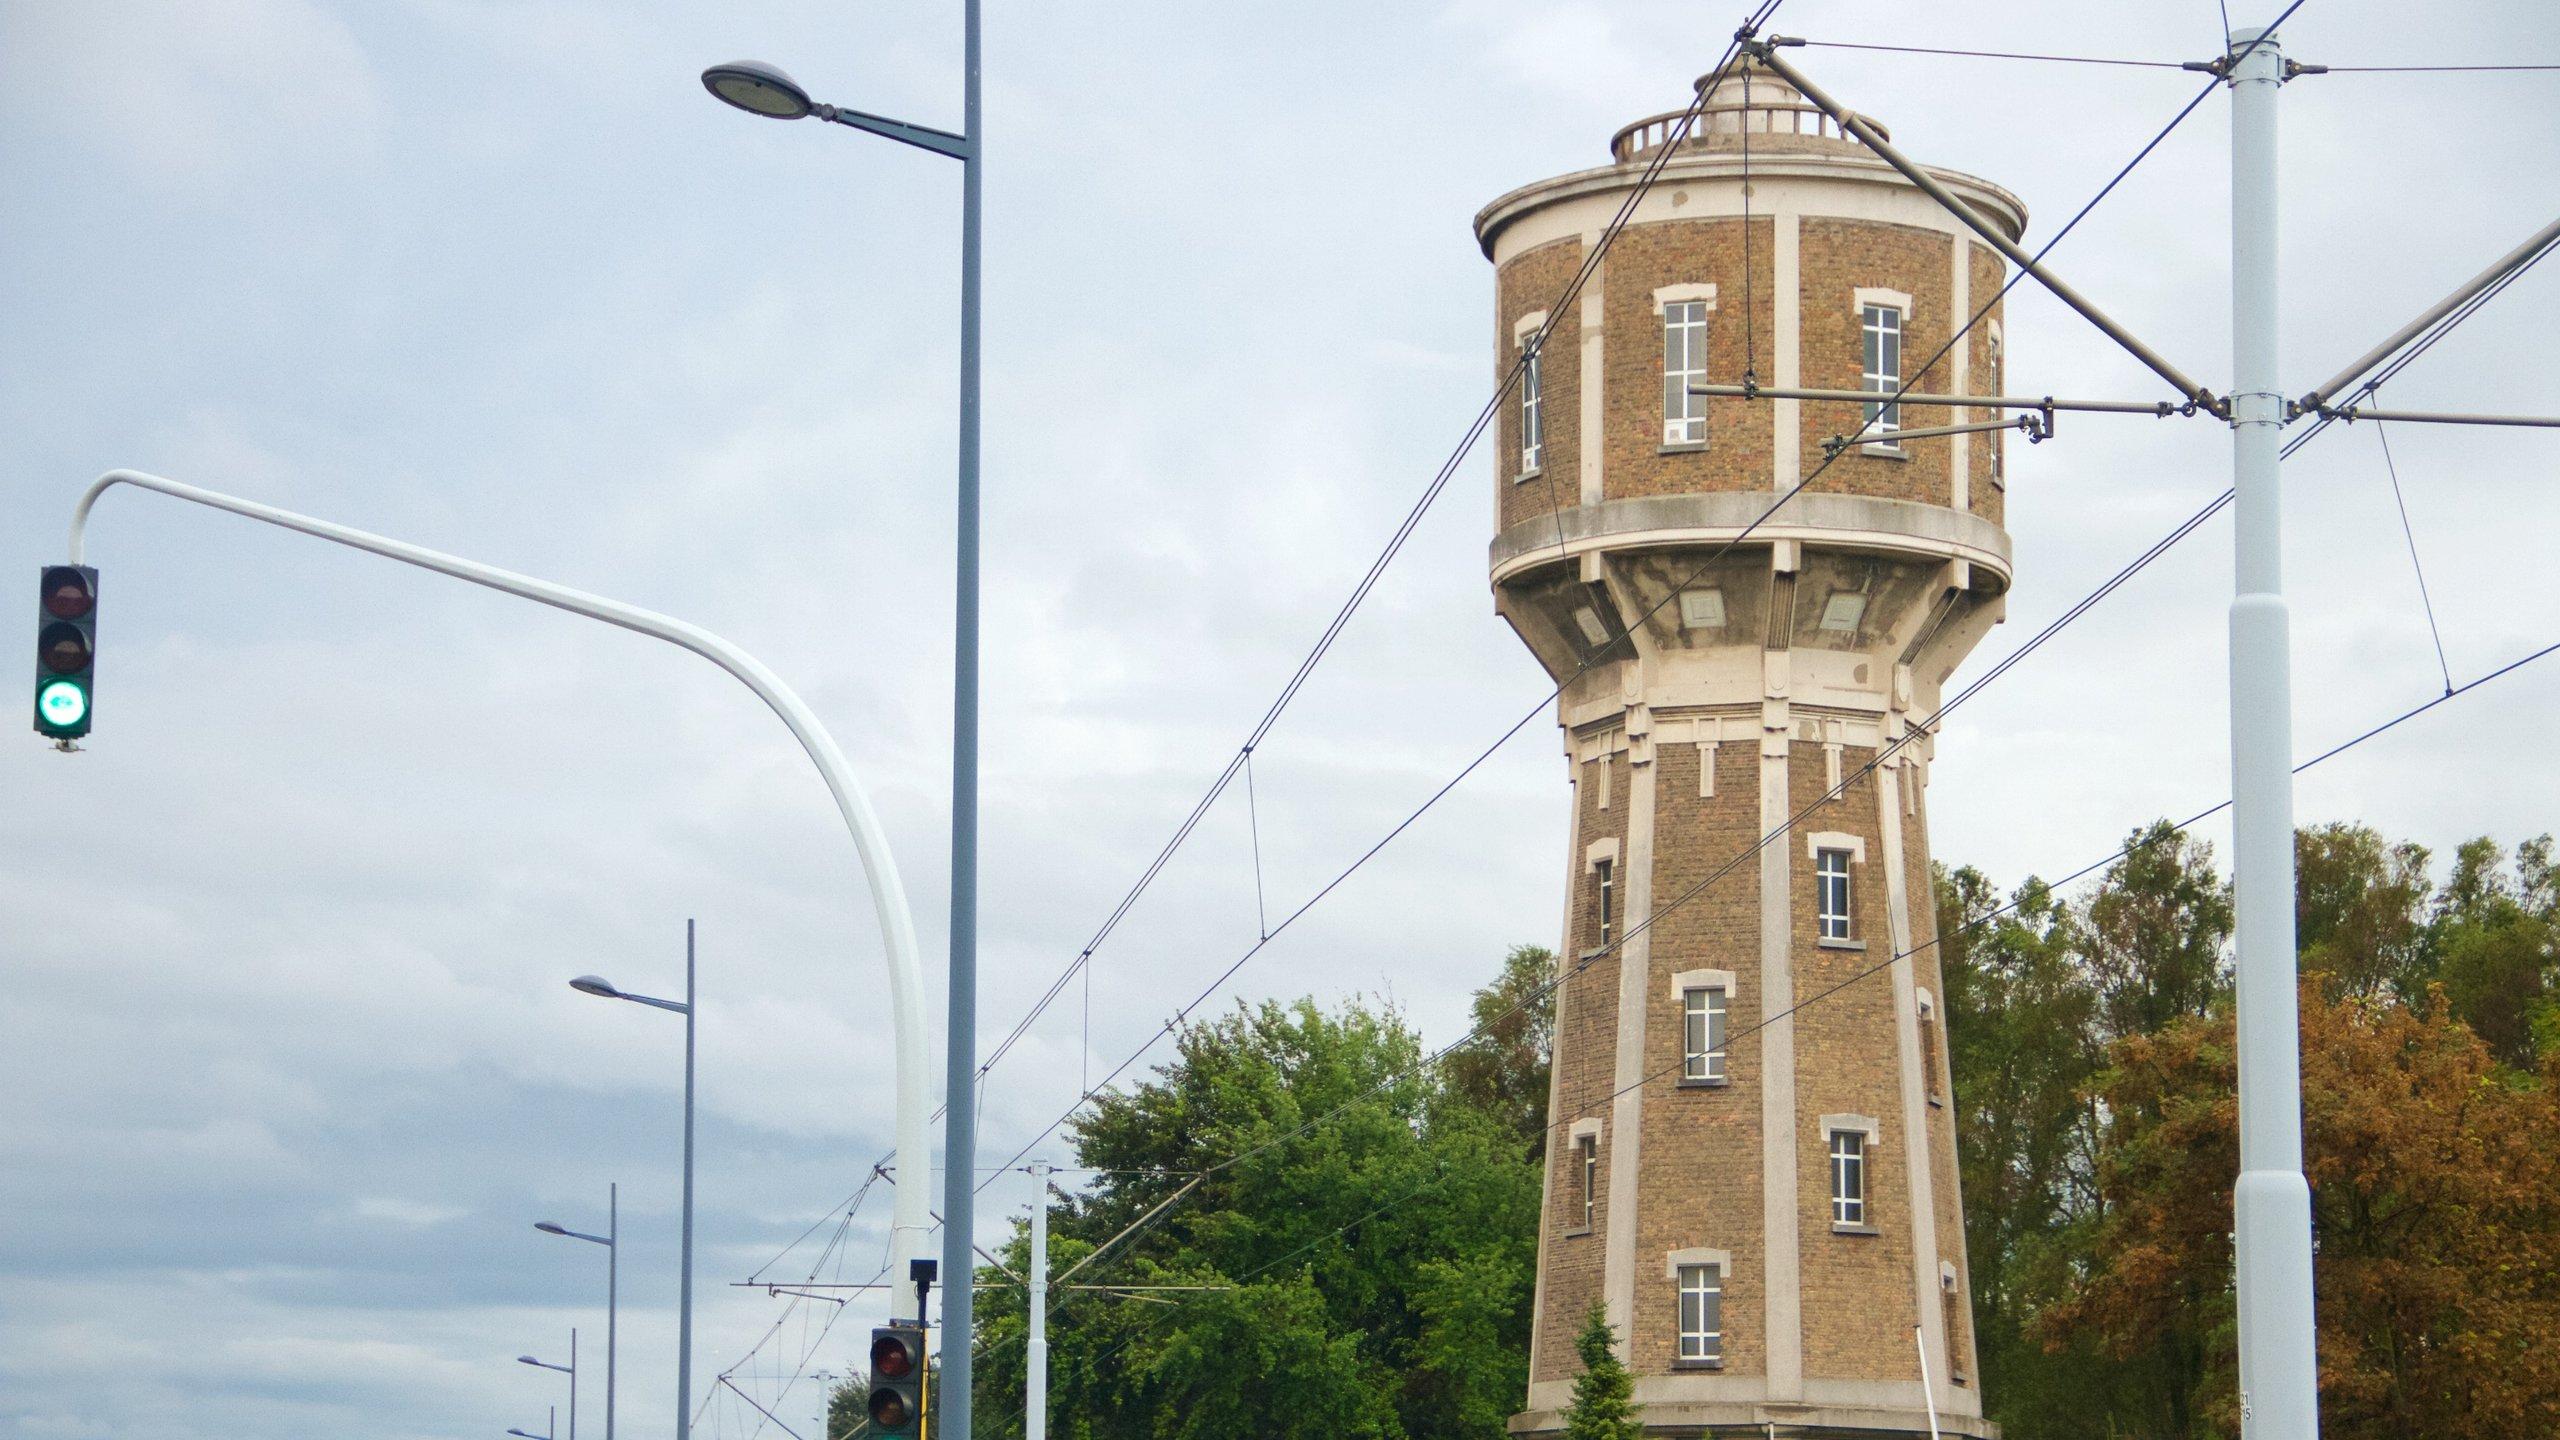 Ostend City Centre, Ostend, Flemish Region, Belgium